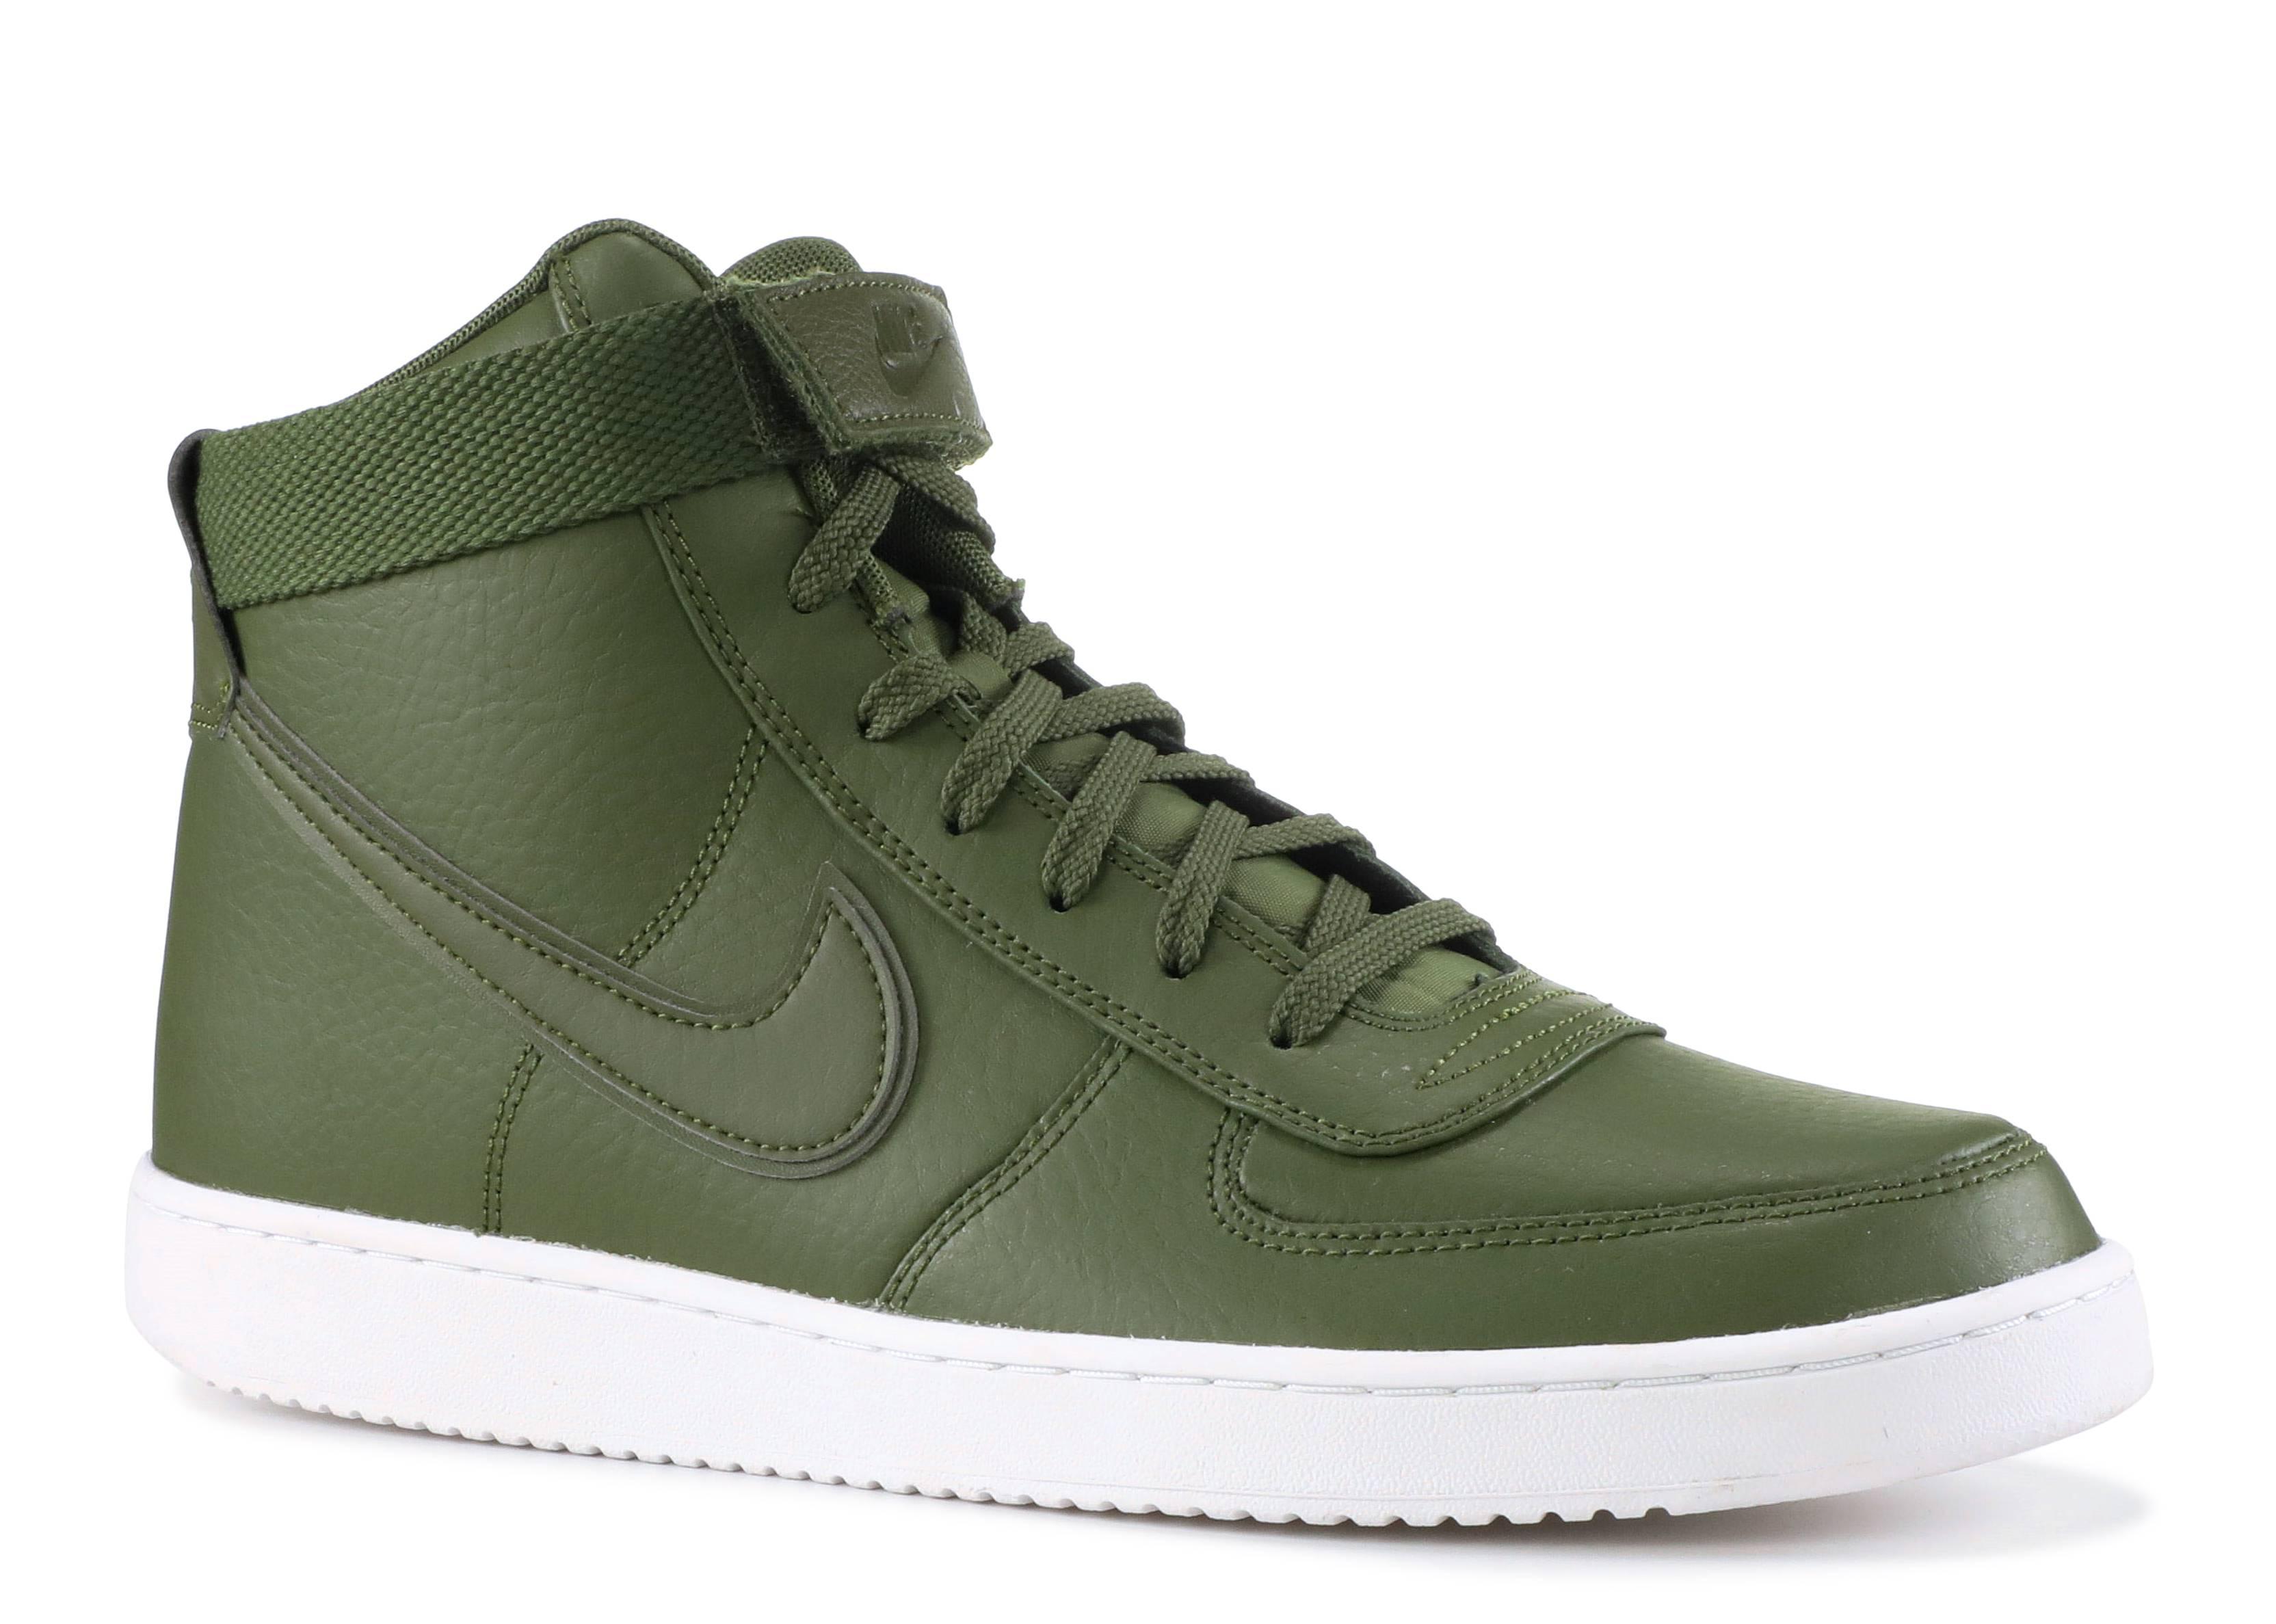 best service 536ab 9fcd3 Vandal High Supreme Ltr - Nike - ah8518 300 - legion greenlegion green   Flight Club